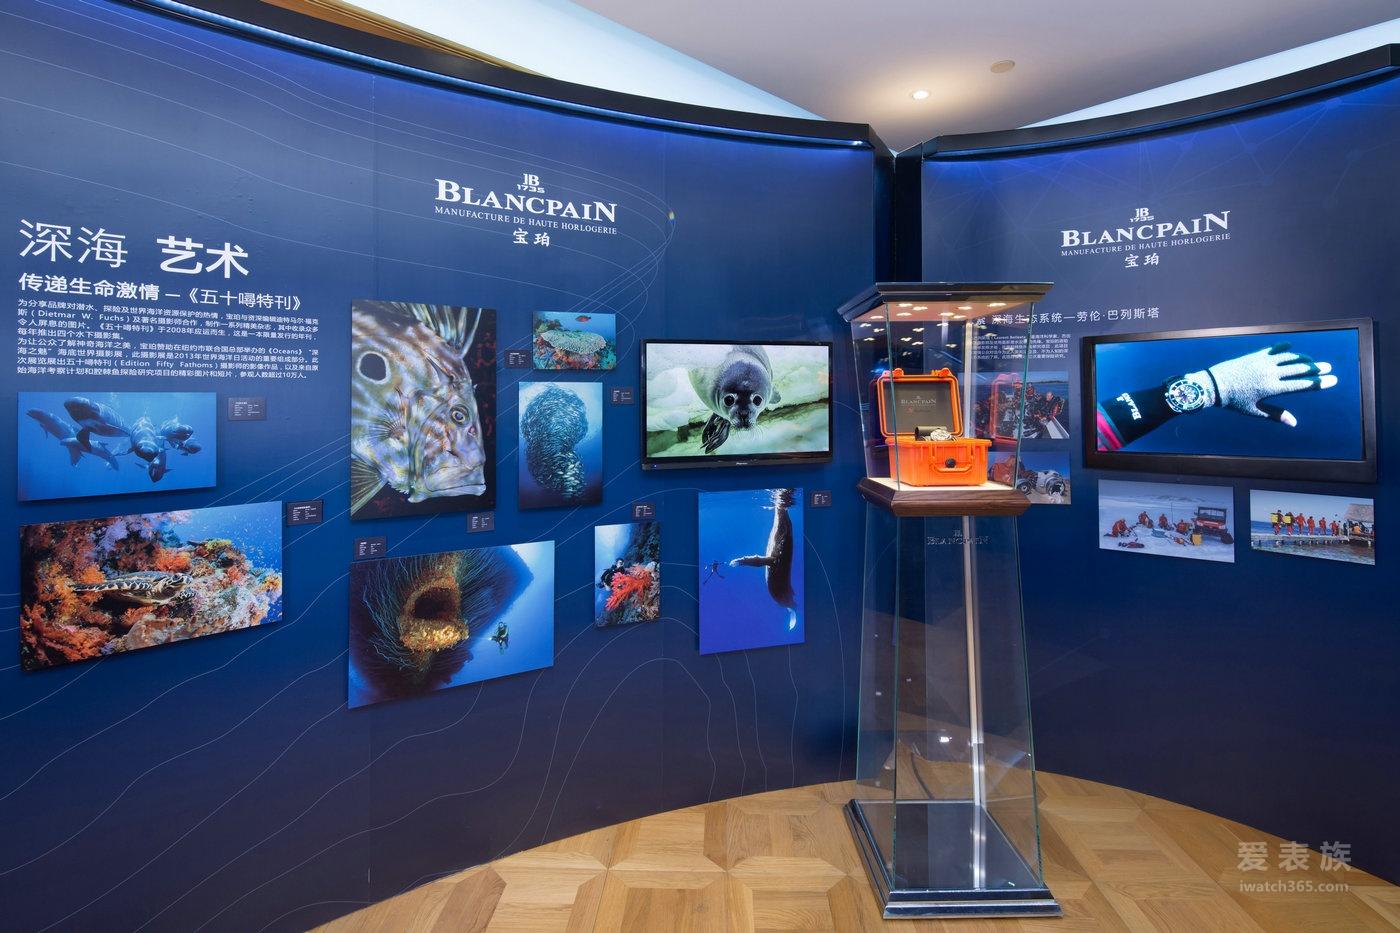 """心系海洋,噚者无疆 宝珀Blancpain盛大发布五十噚系列深潜器""""心系海洋""""2016全新限量版"""